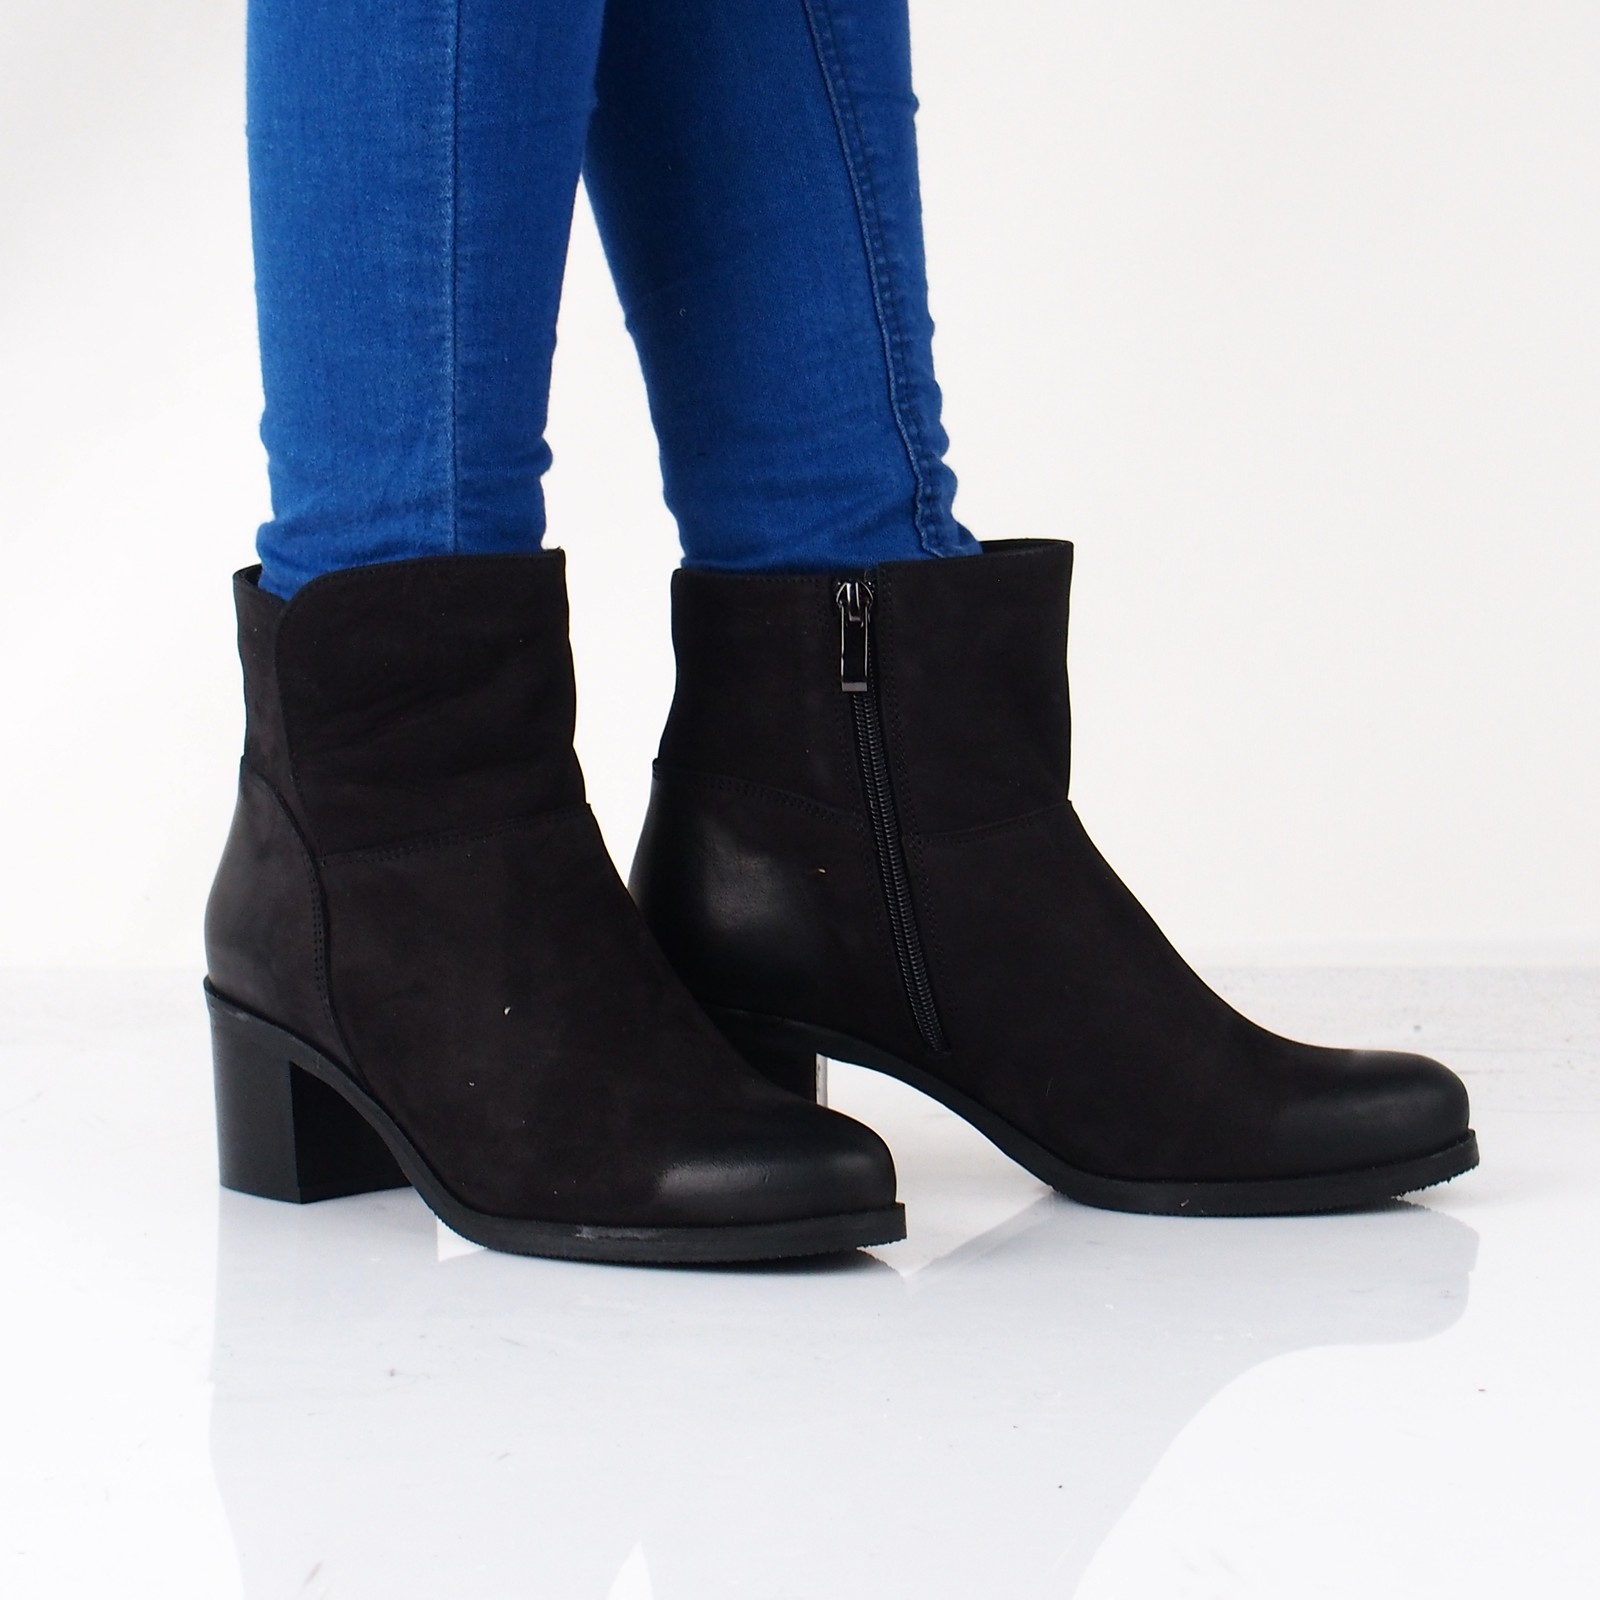 577c2a0ebb49 Acord dámské nubukové kotníkové boty na podpatku - černé ...